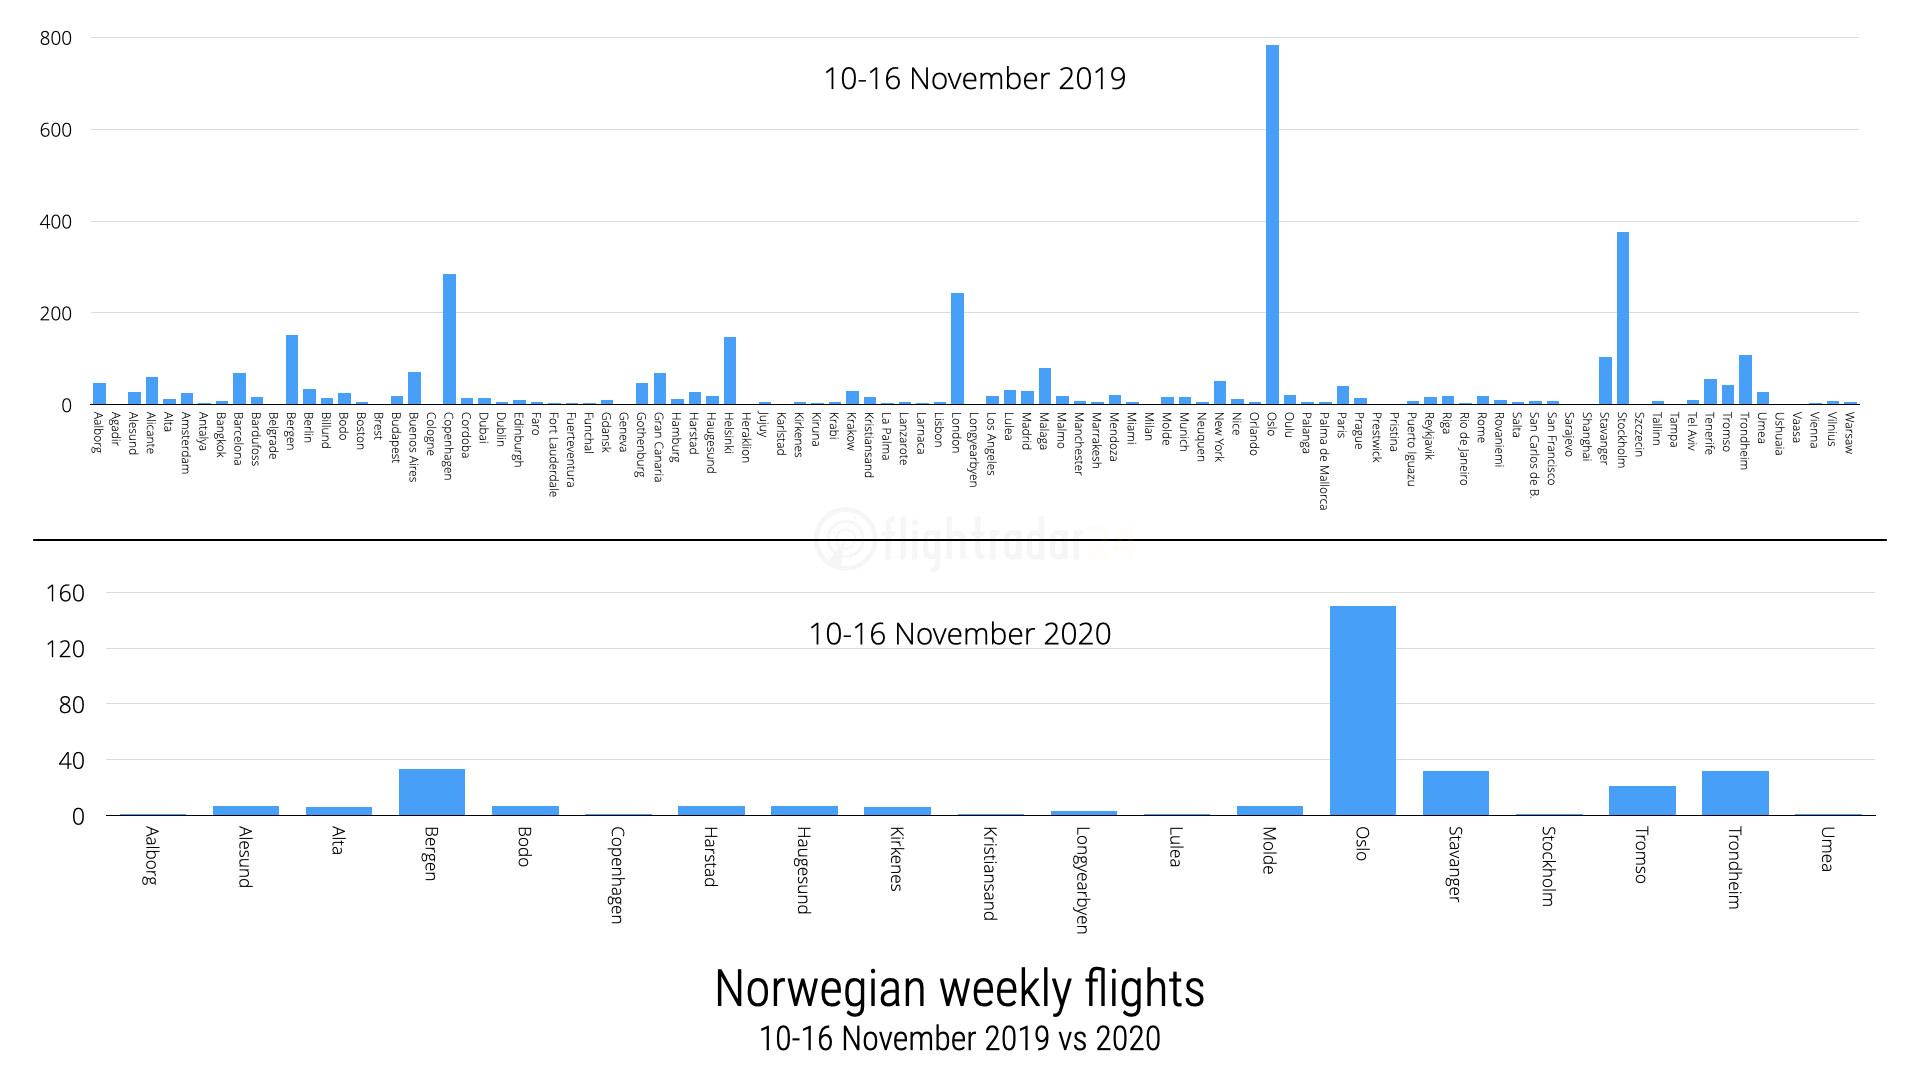 2019 vs 2020 flights during week of 10-16 November operated by Norwegian